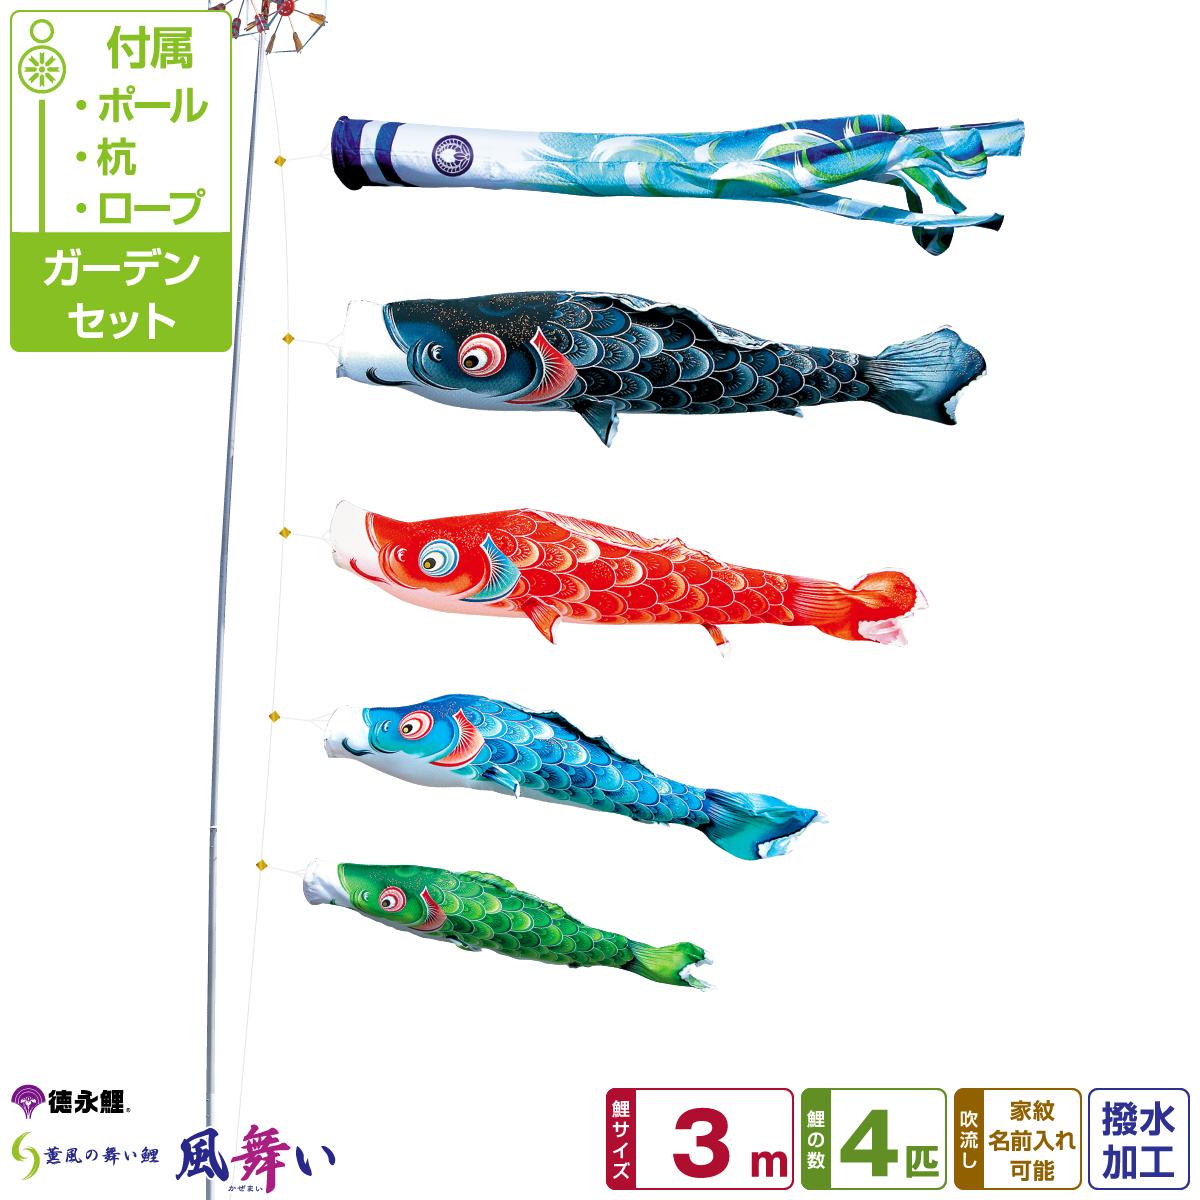 徳永鯉のぼり 風舞い鯉 3m 7点セット ガーデンセット 2019年初節句 端午の節句 こどもの日 こいのぼり